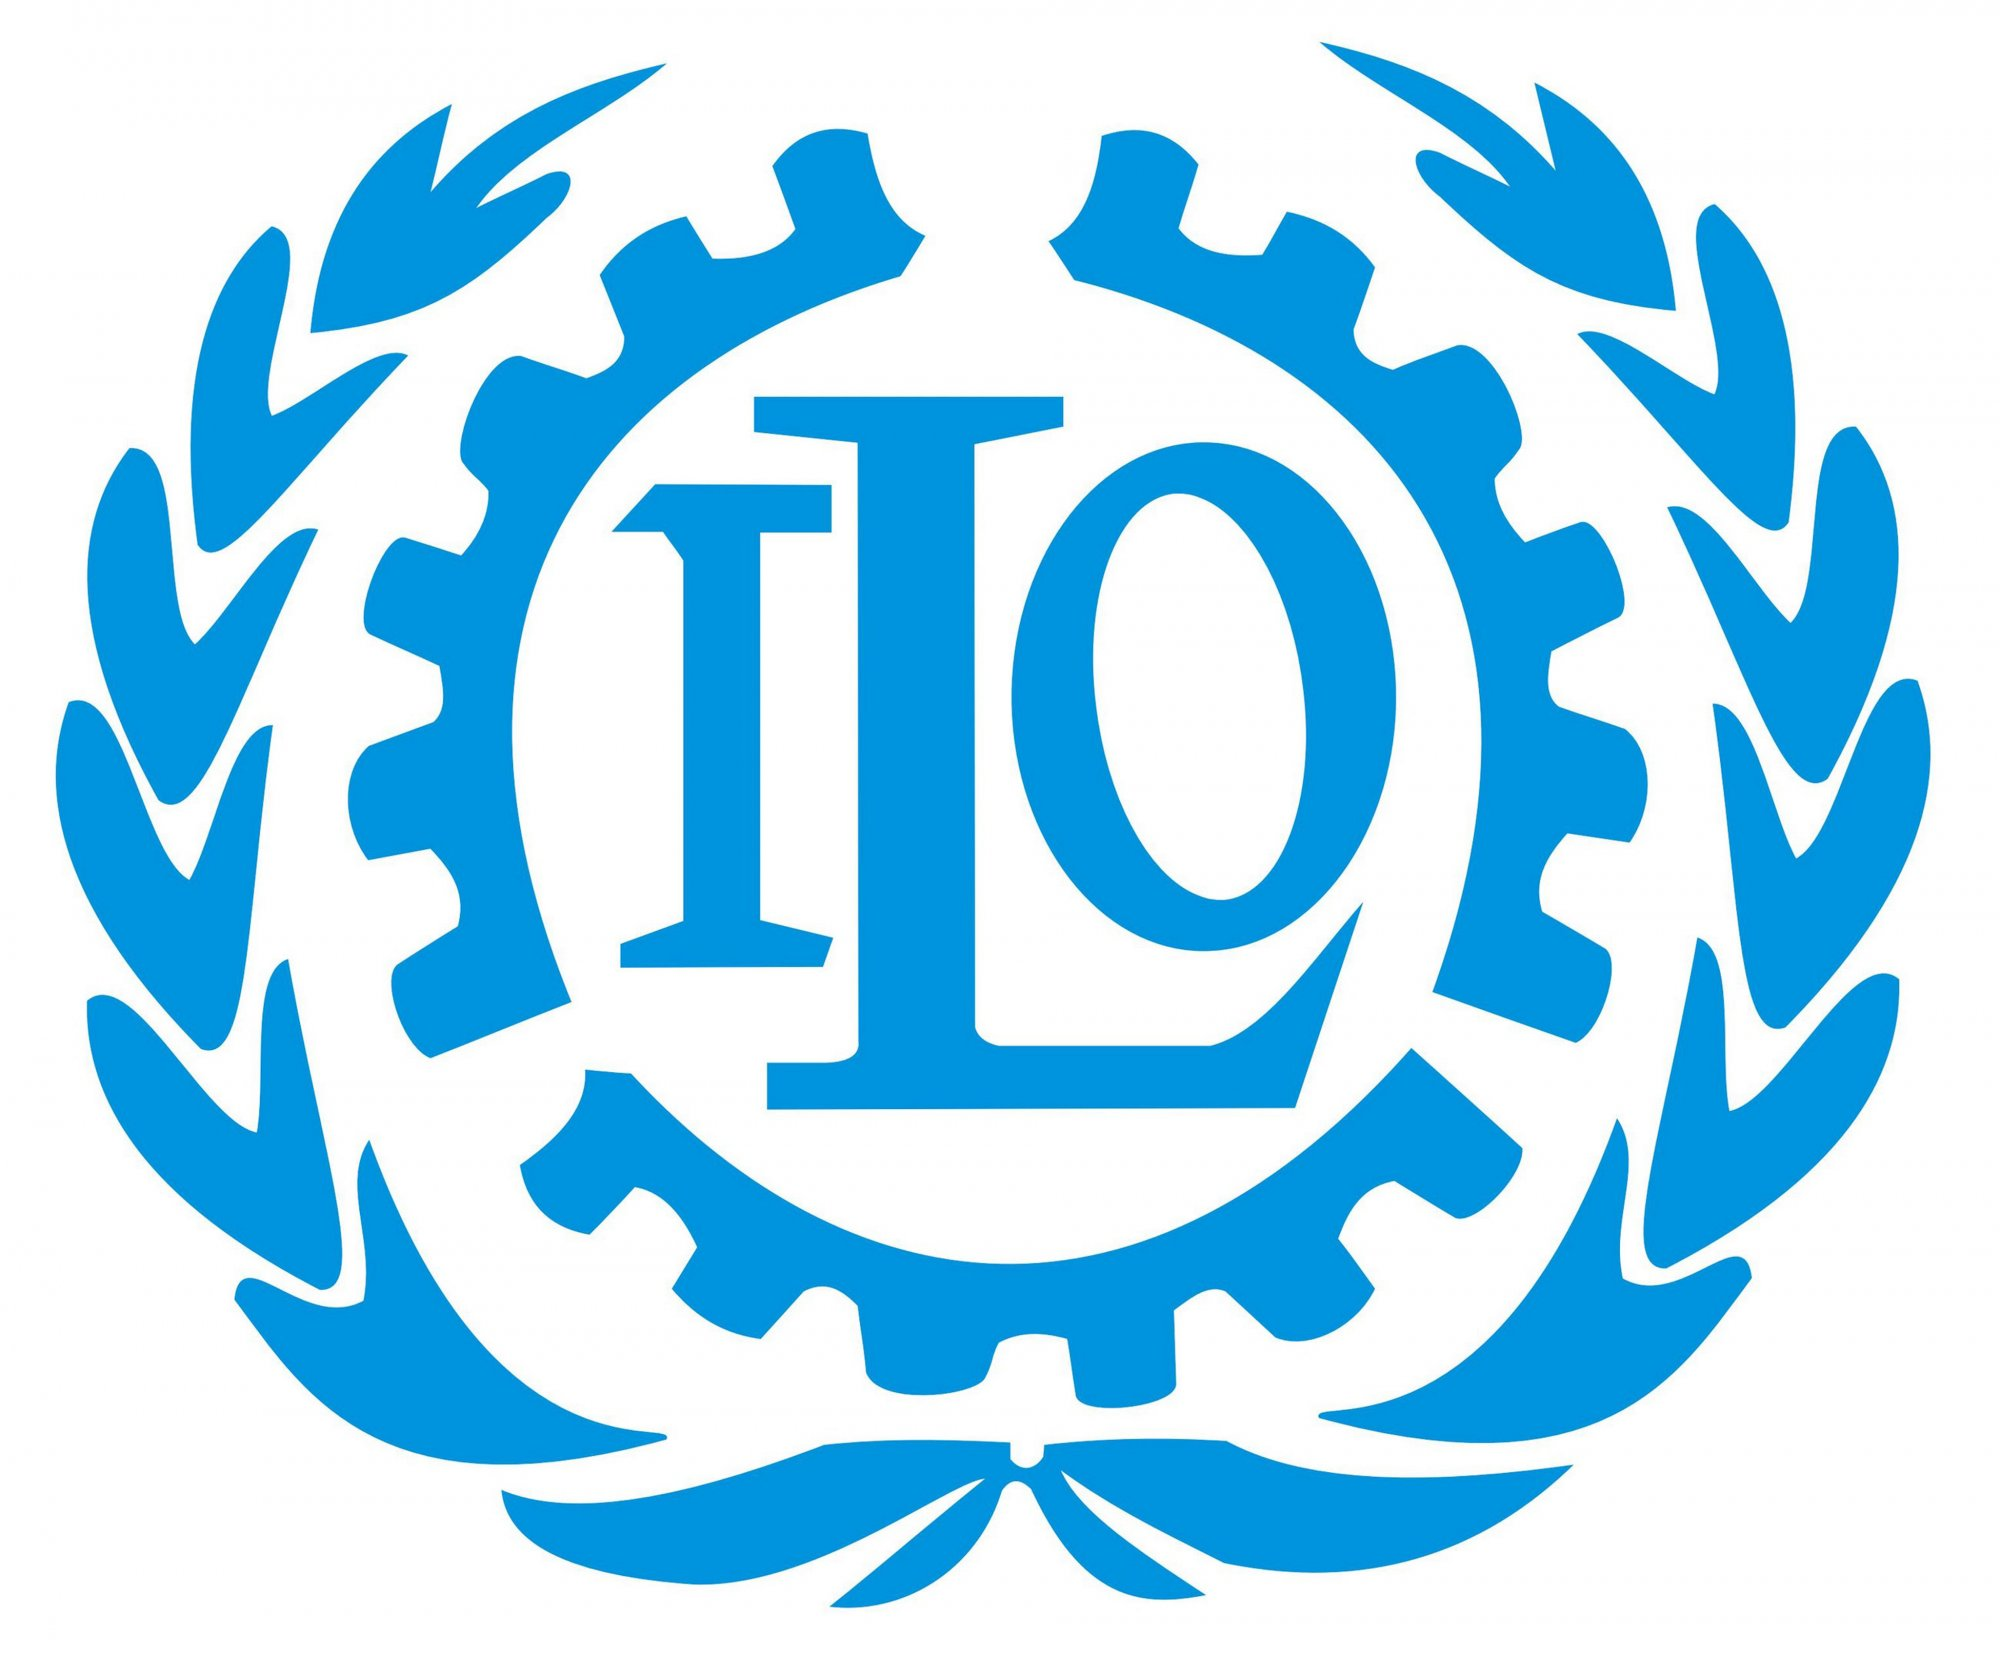 ILO ÇALIŞMA HAYATINDA ŞİDDET VE TACİZİN ÖNLENMESİNE YÖNELİK SÖZLEŞMEYİ KABUL ETTİ